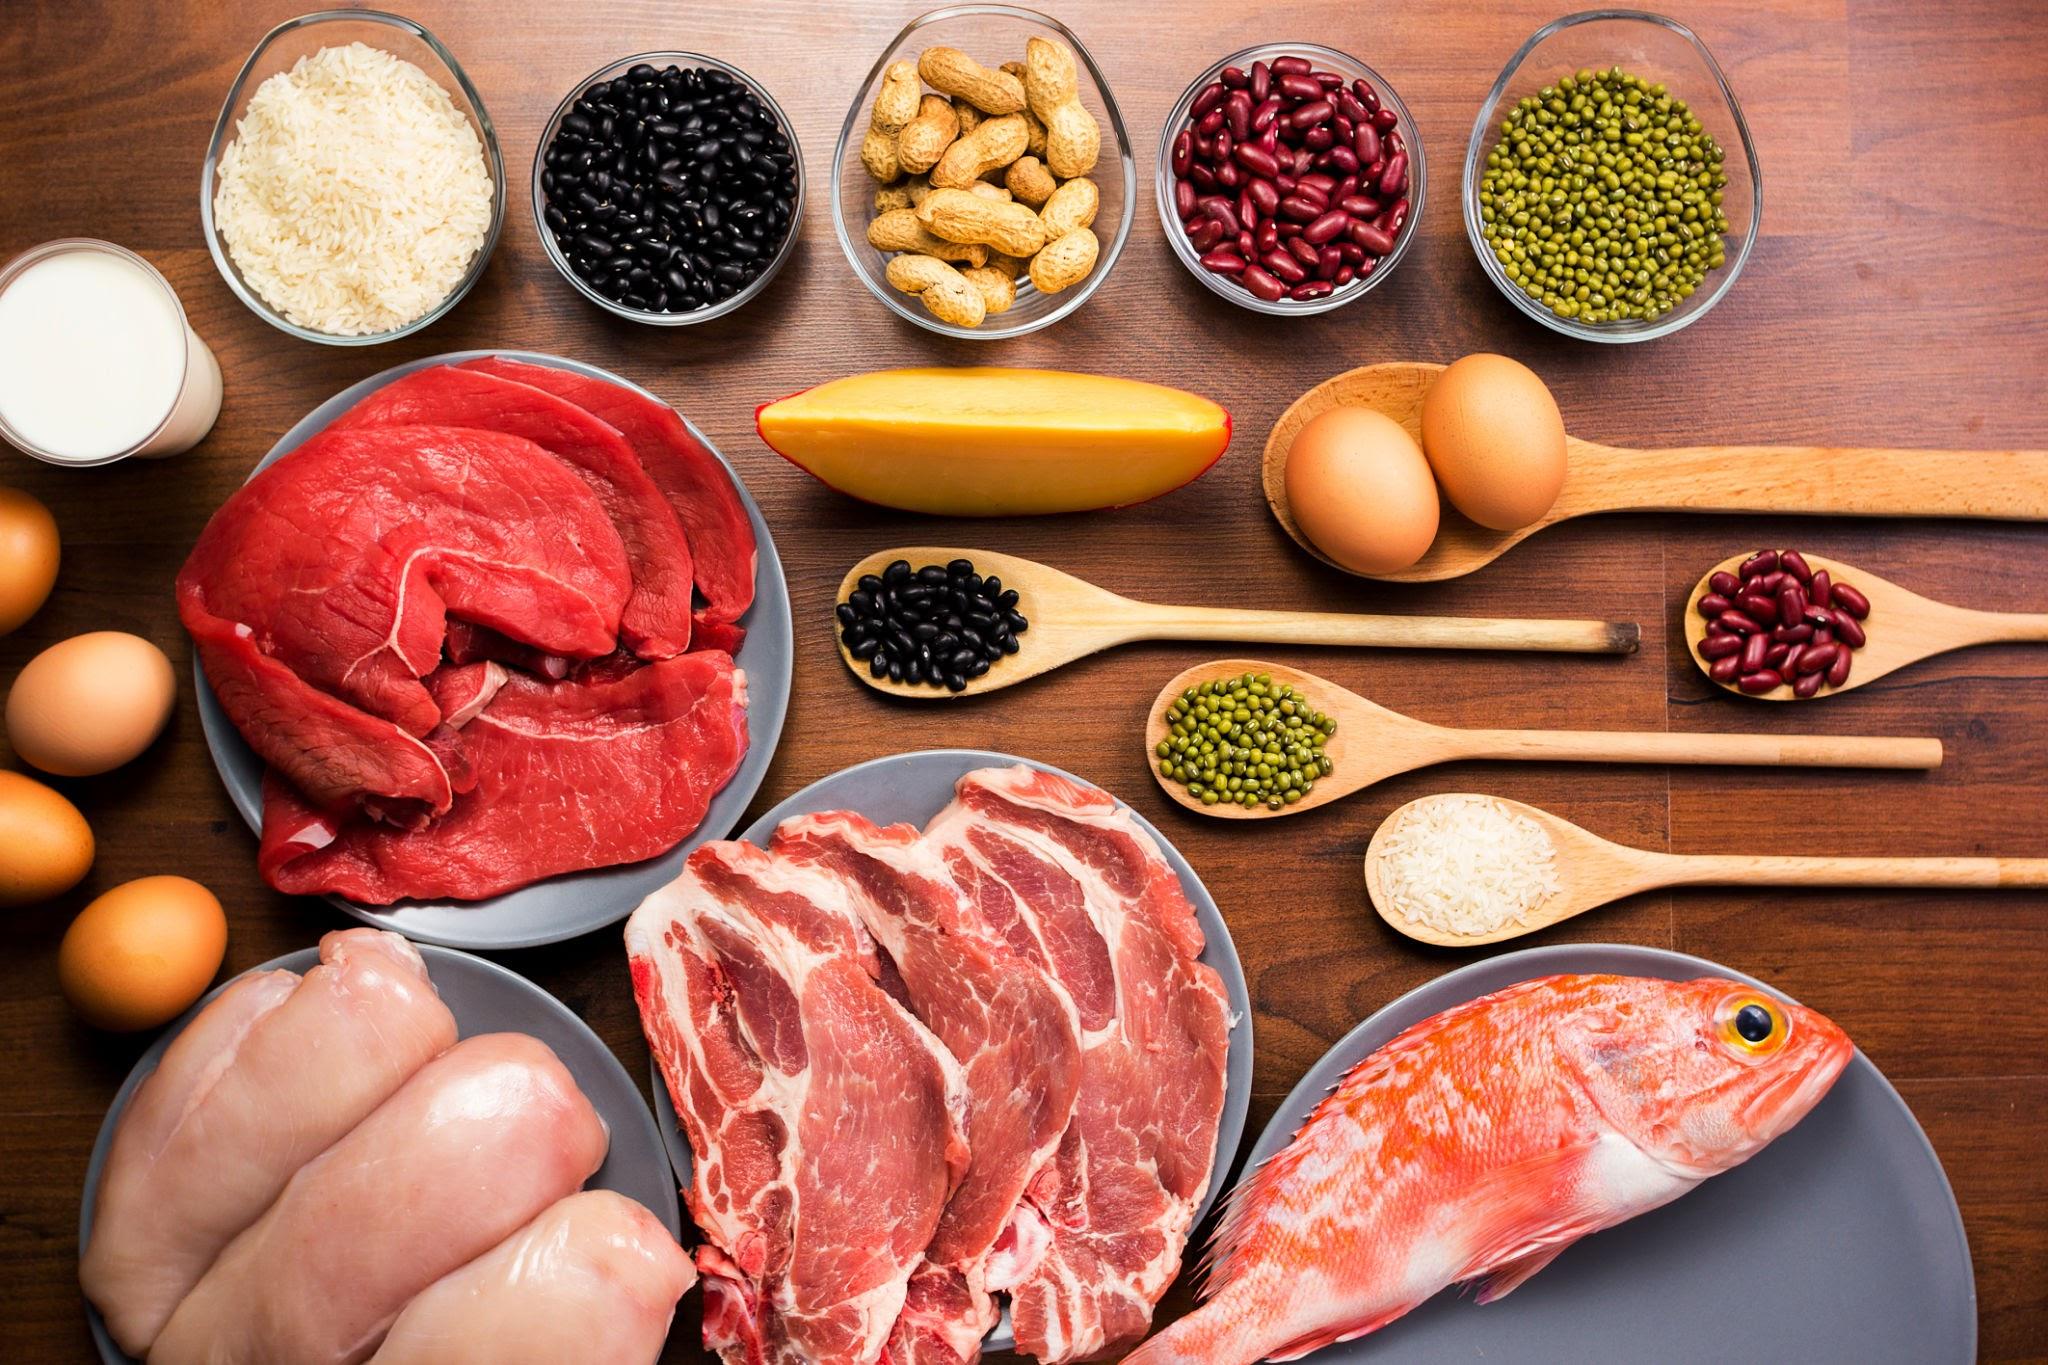 علائمی که نشان می دهند شما پروتئین کافی دریافت نمی کنید